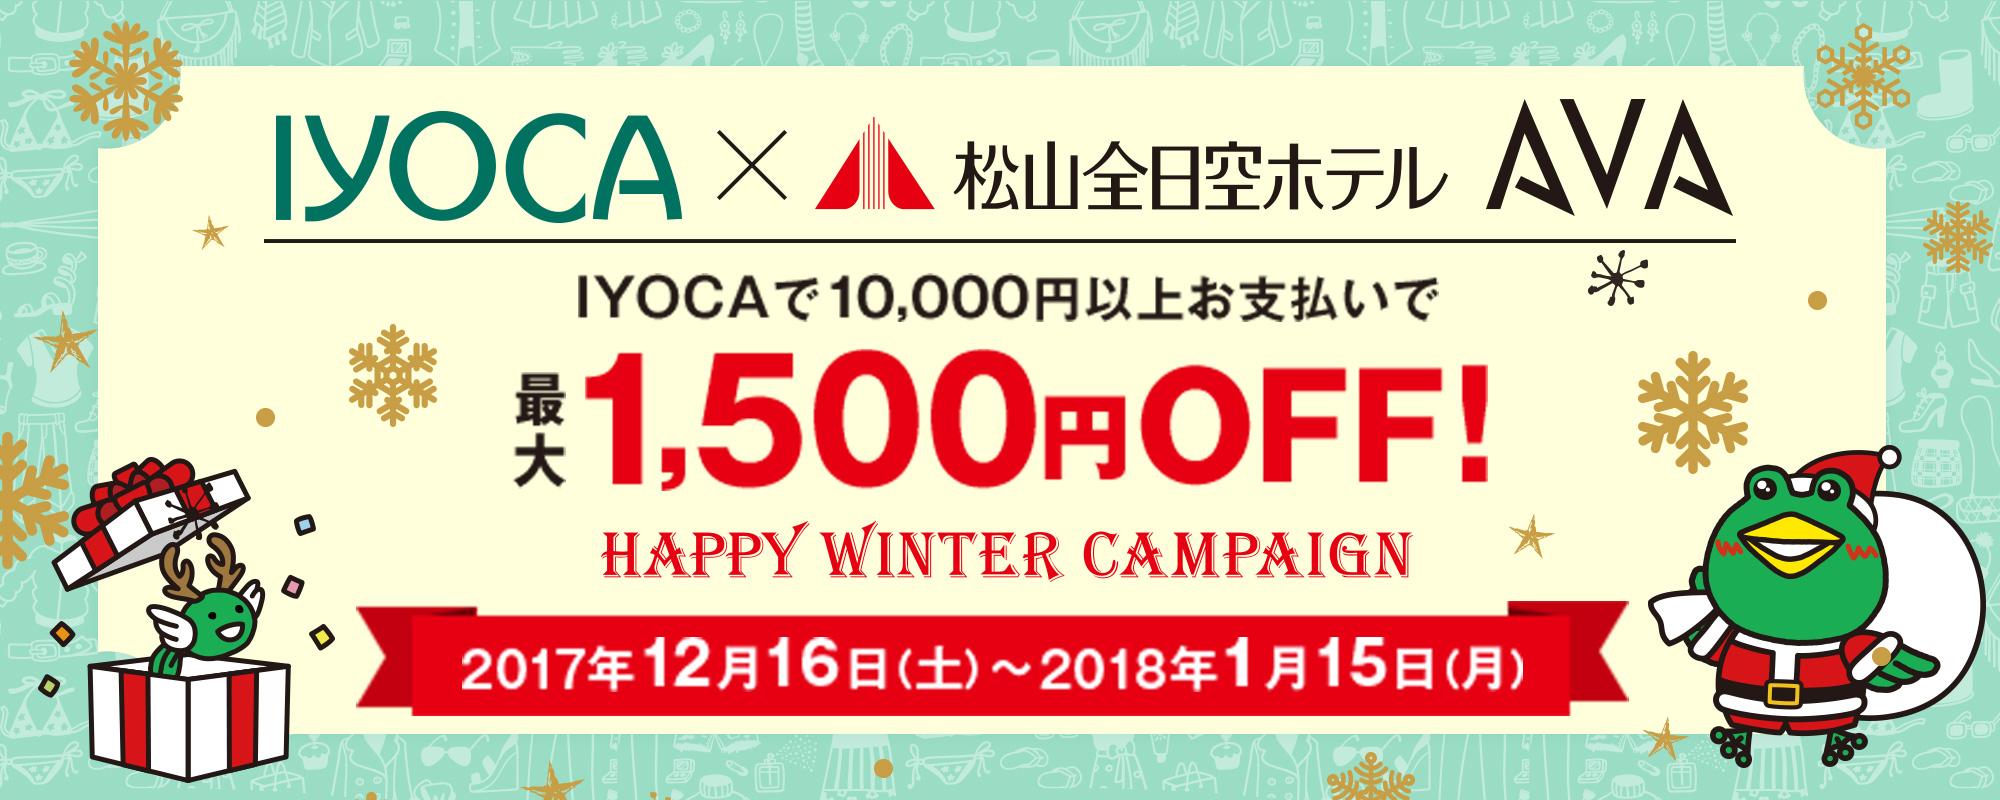 IYOCA|遊びにおいで、そして出かけよう。SHOPPING MALL AVA(ショッピングモール アヴァ)